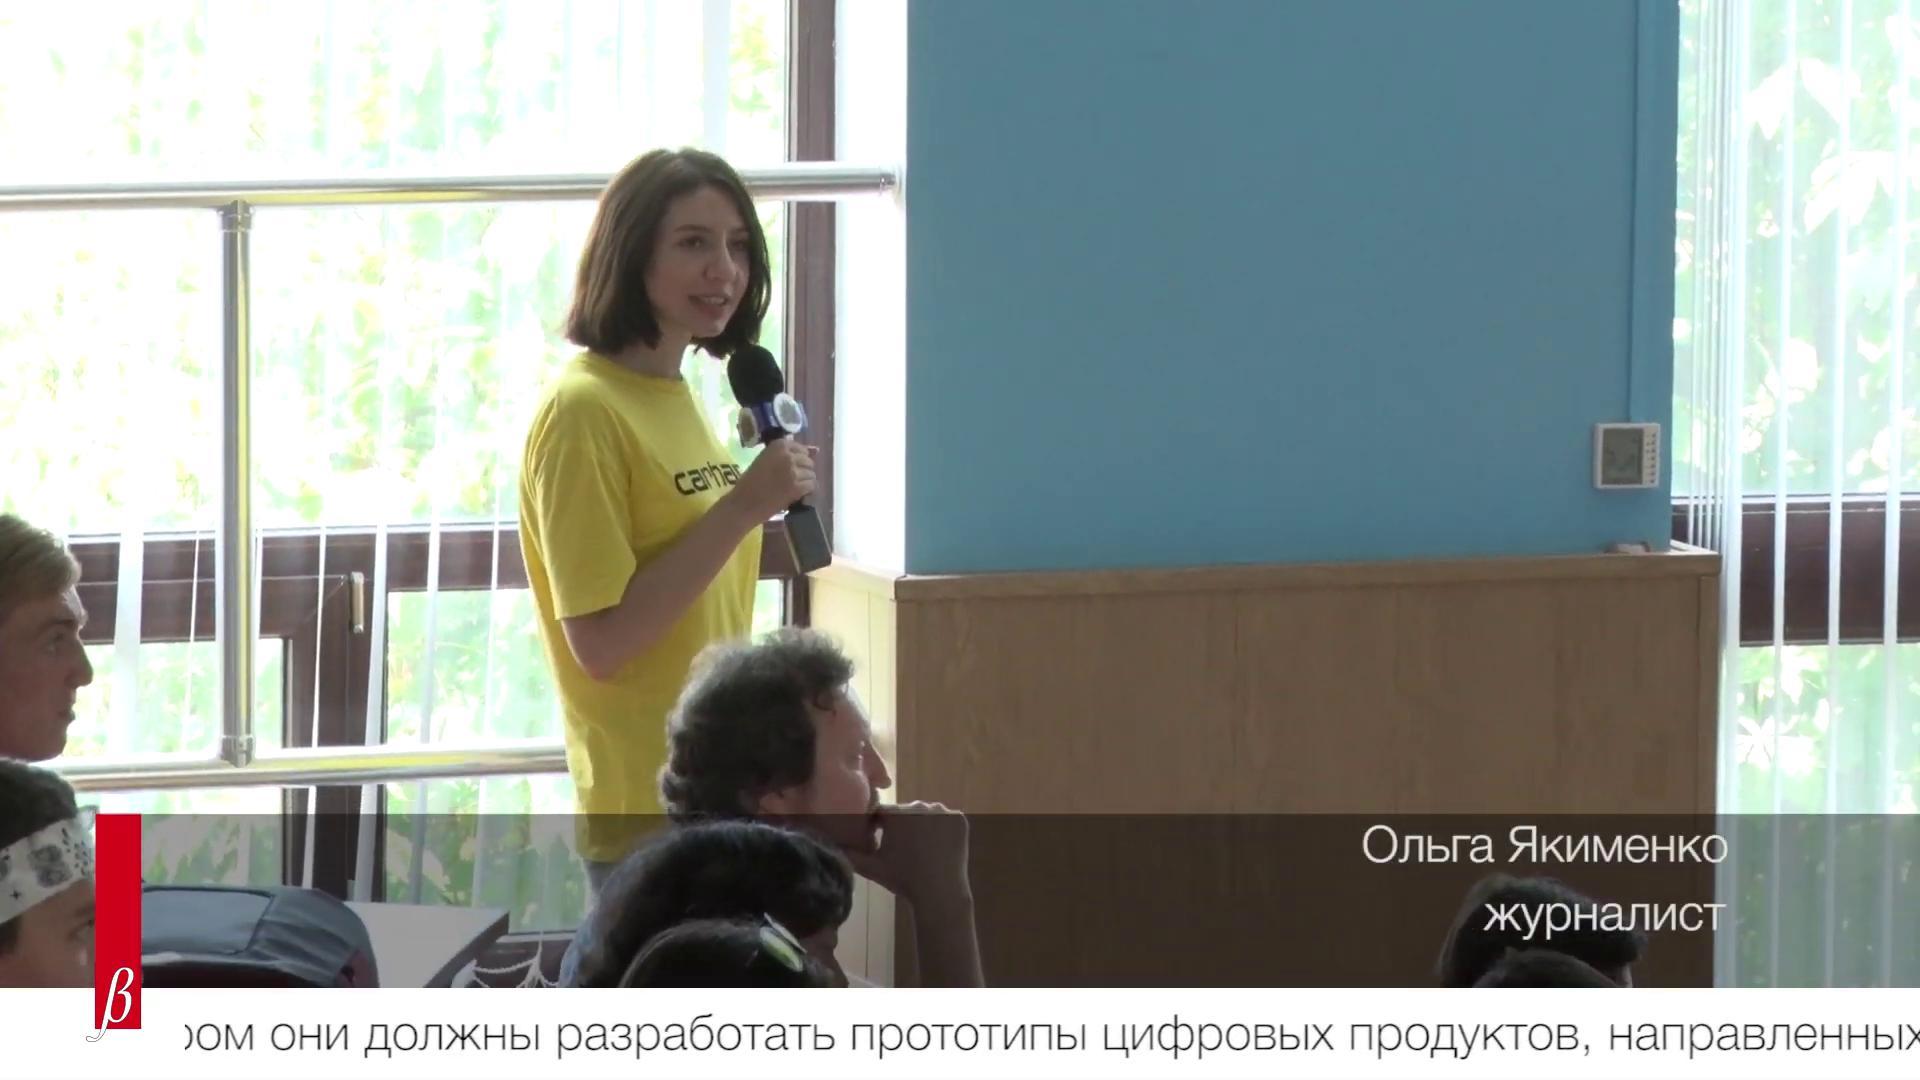 «Цифровой прорыв» в Крымском федеральном университете